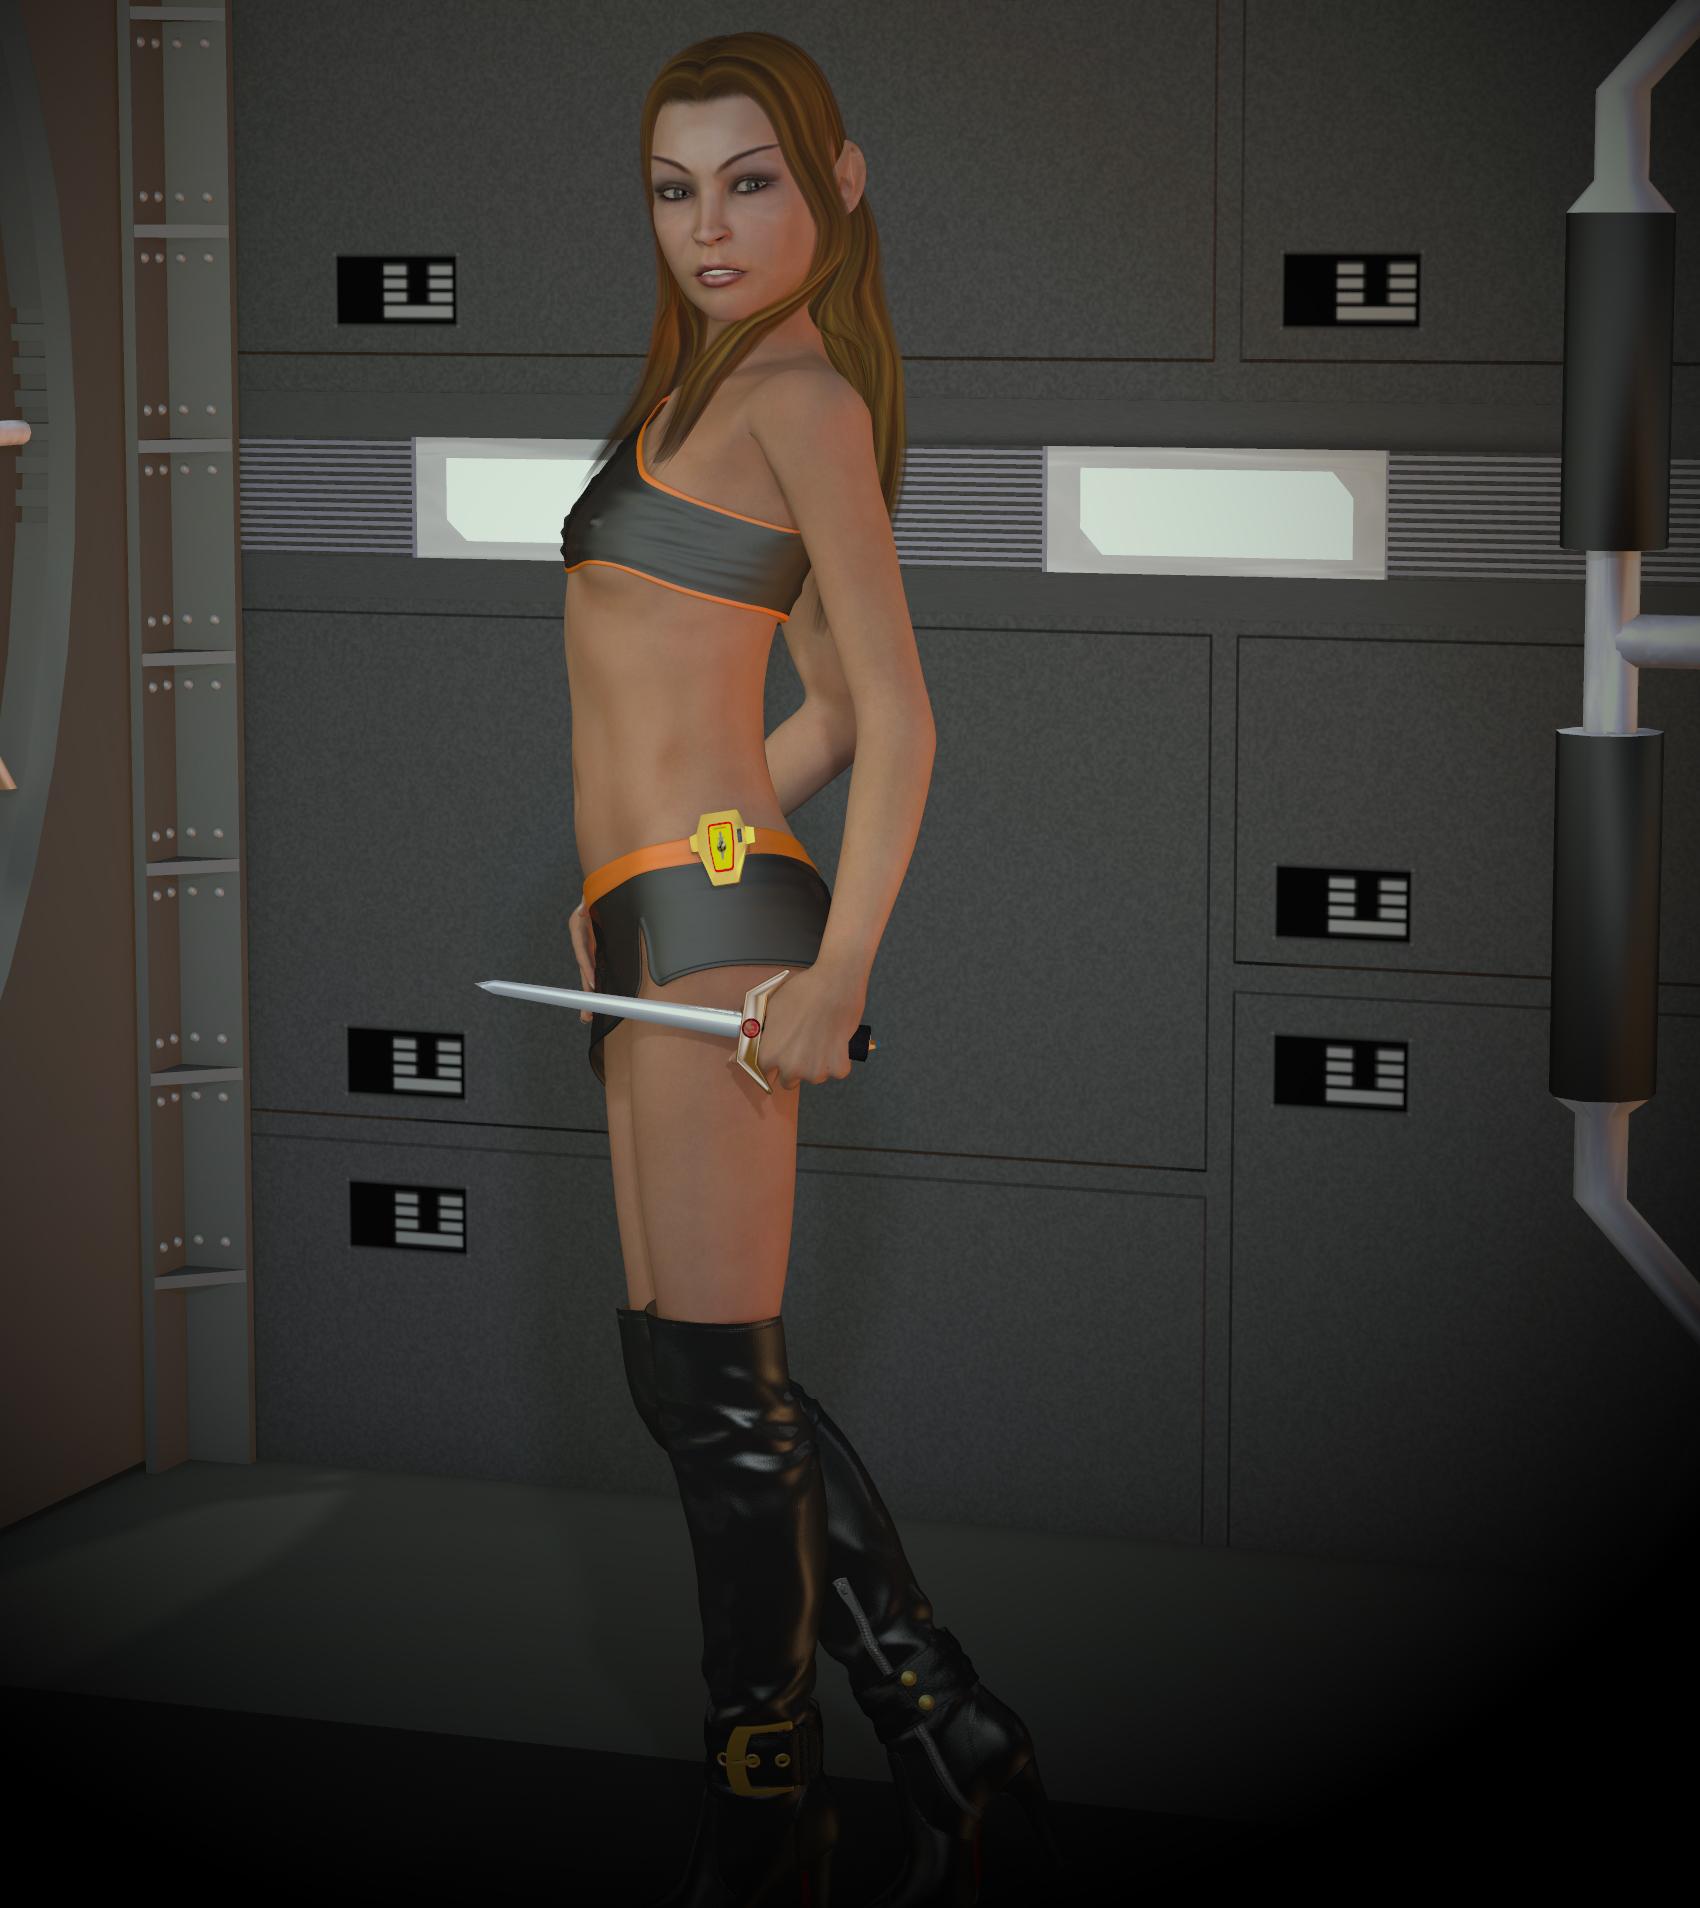 image Jolene blalock star trek enterprise s3e15